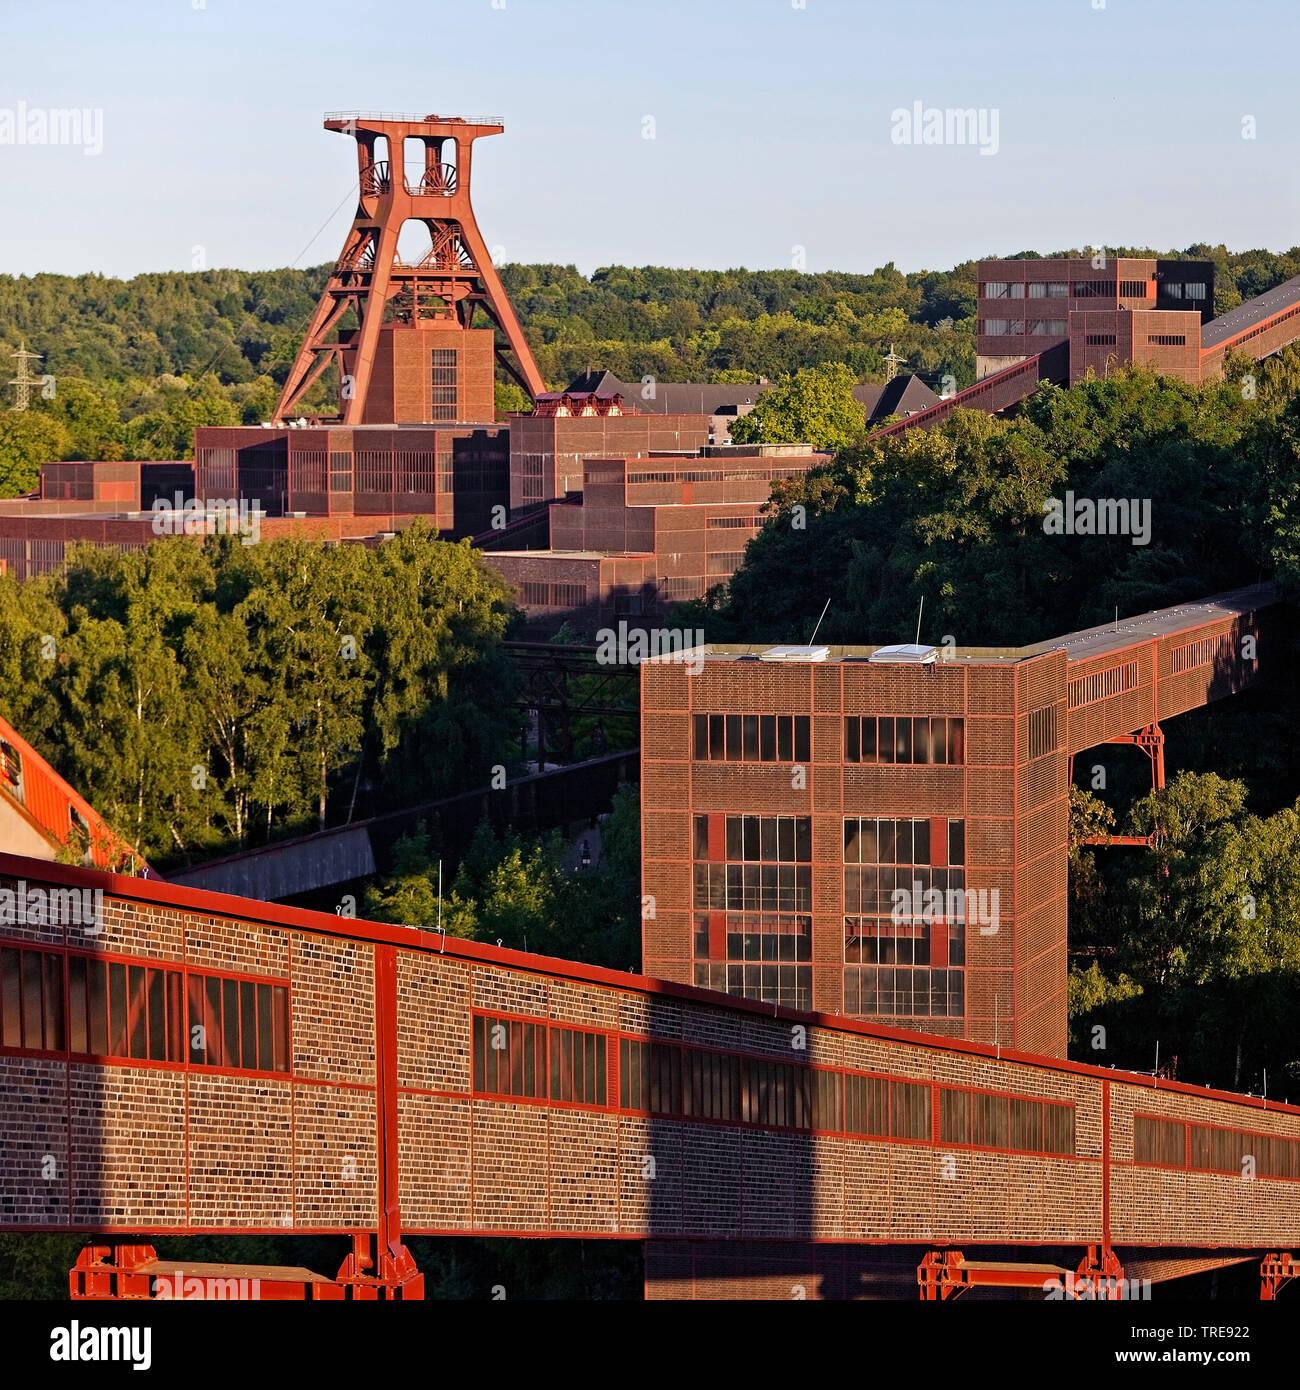 Zeche Zollverein mit dem Foerdergeruest Schacht XII, Deutschland, Nordrhein-Westfalen, Ruhrgebiet, Essen | Zollverein Coal Mine Industrial Complex wit - Stock Image